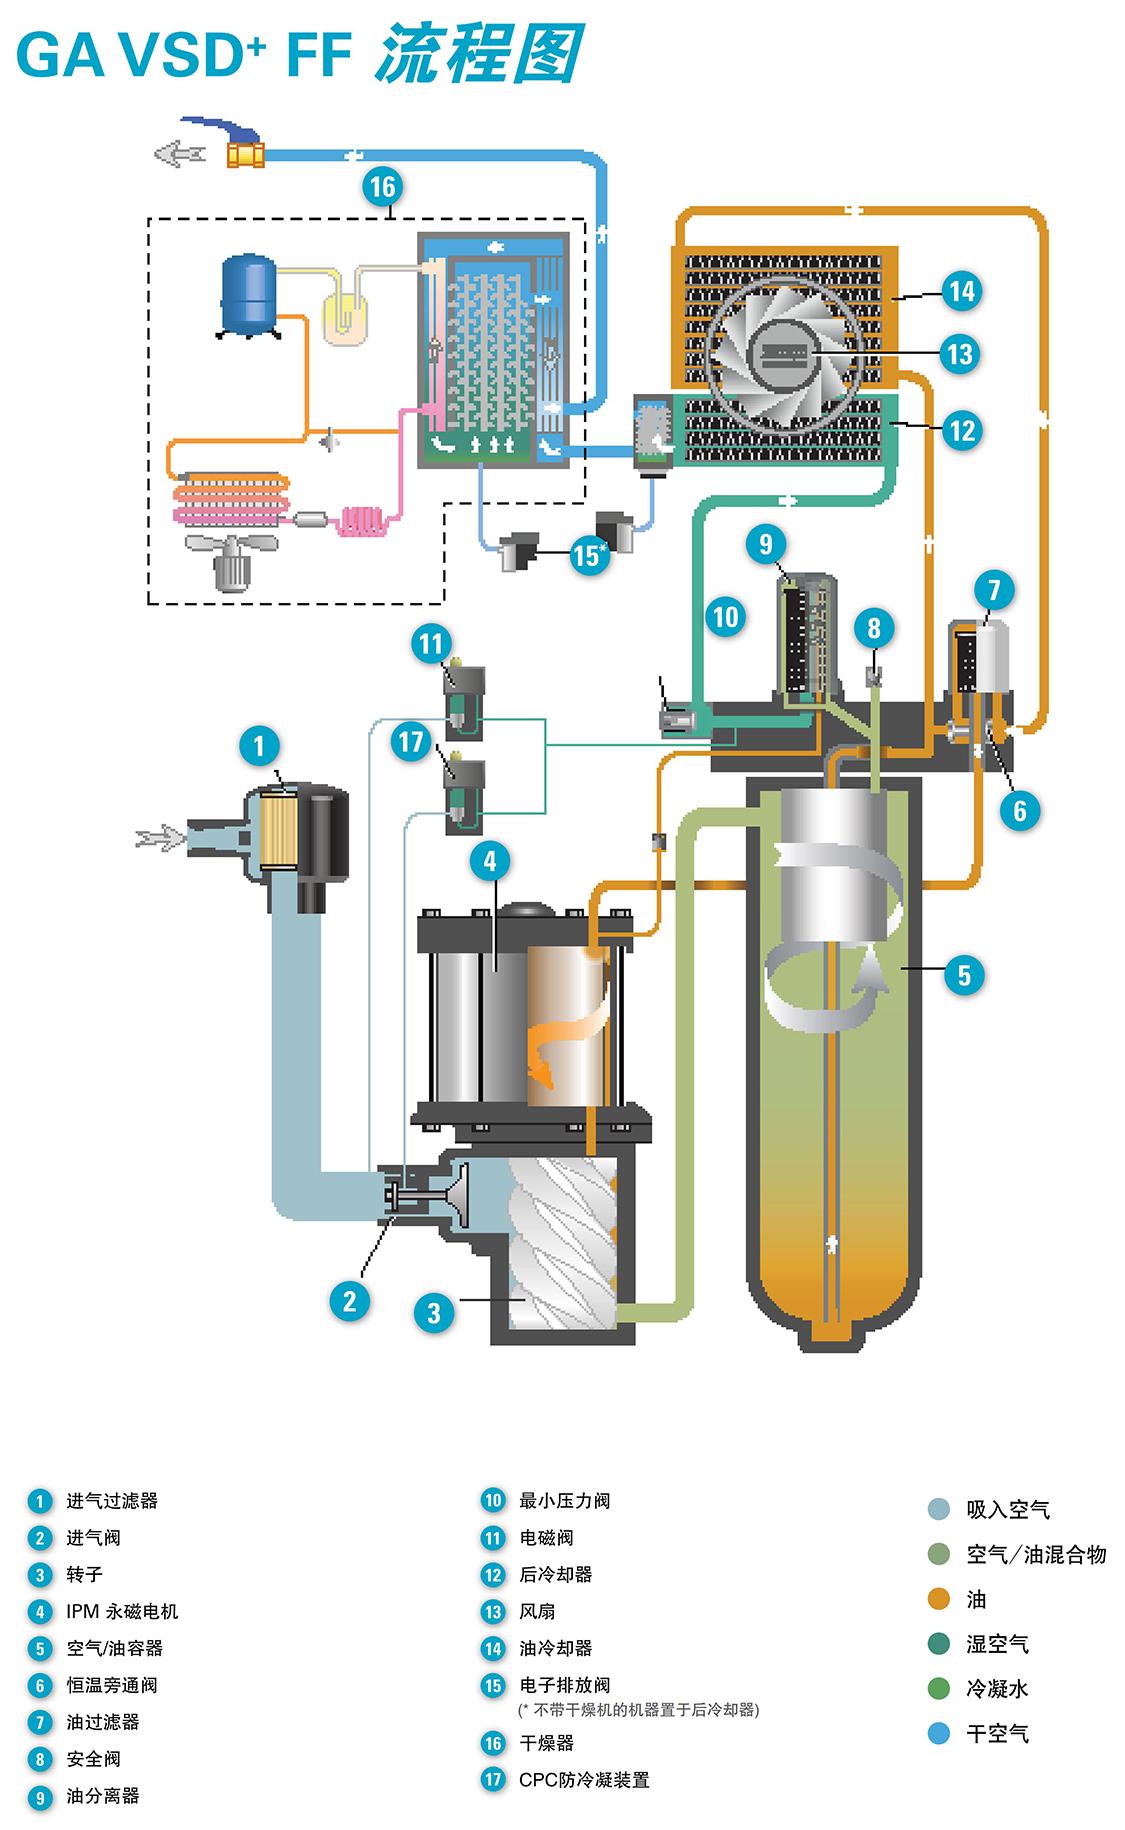 阿特拉斯喷油螺杆压缩机GA VSD+FF流程图